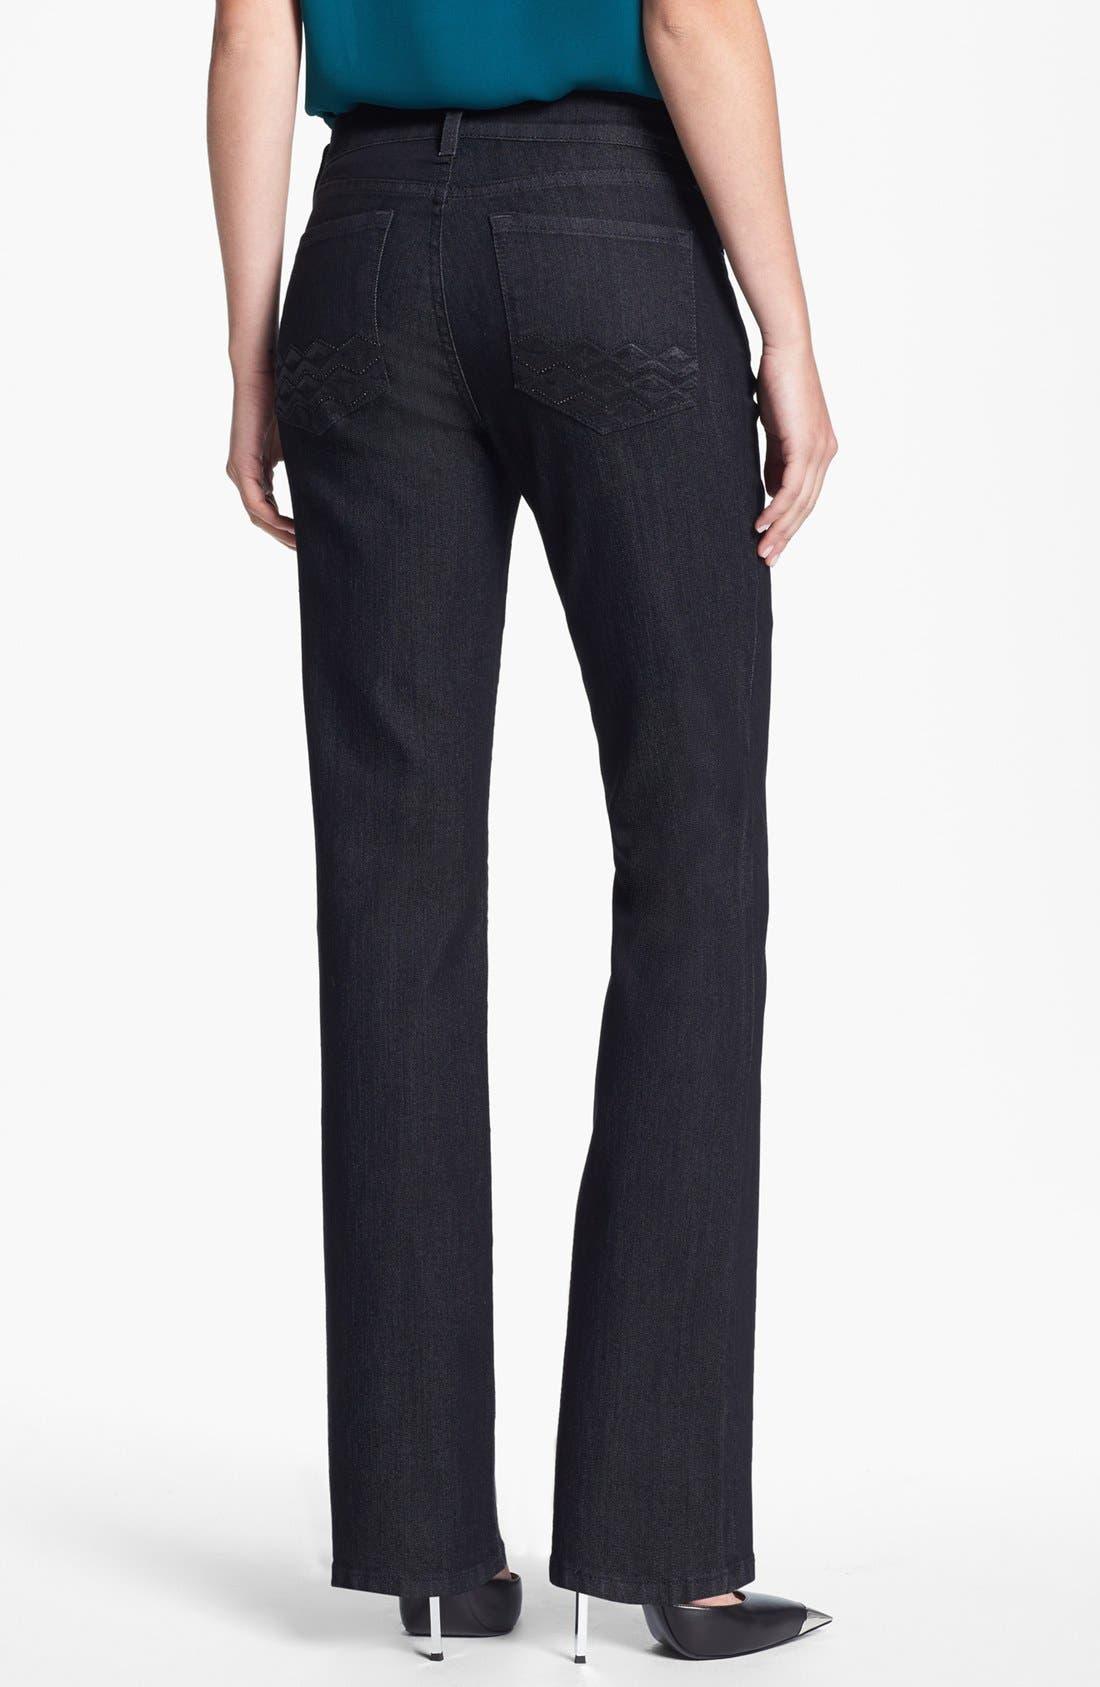 Alternate Image 2  - NYDJ 'Barbara' Embellished Pocket Stretch Bootcut Jeans (Dark Enzyme)